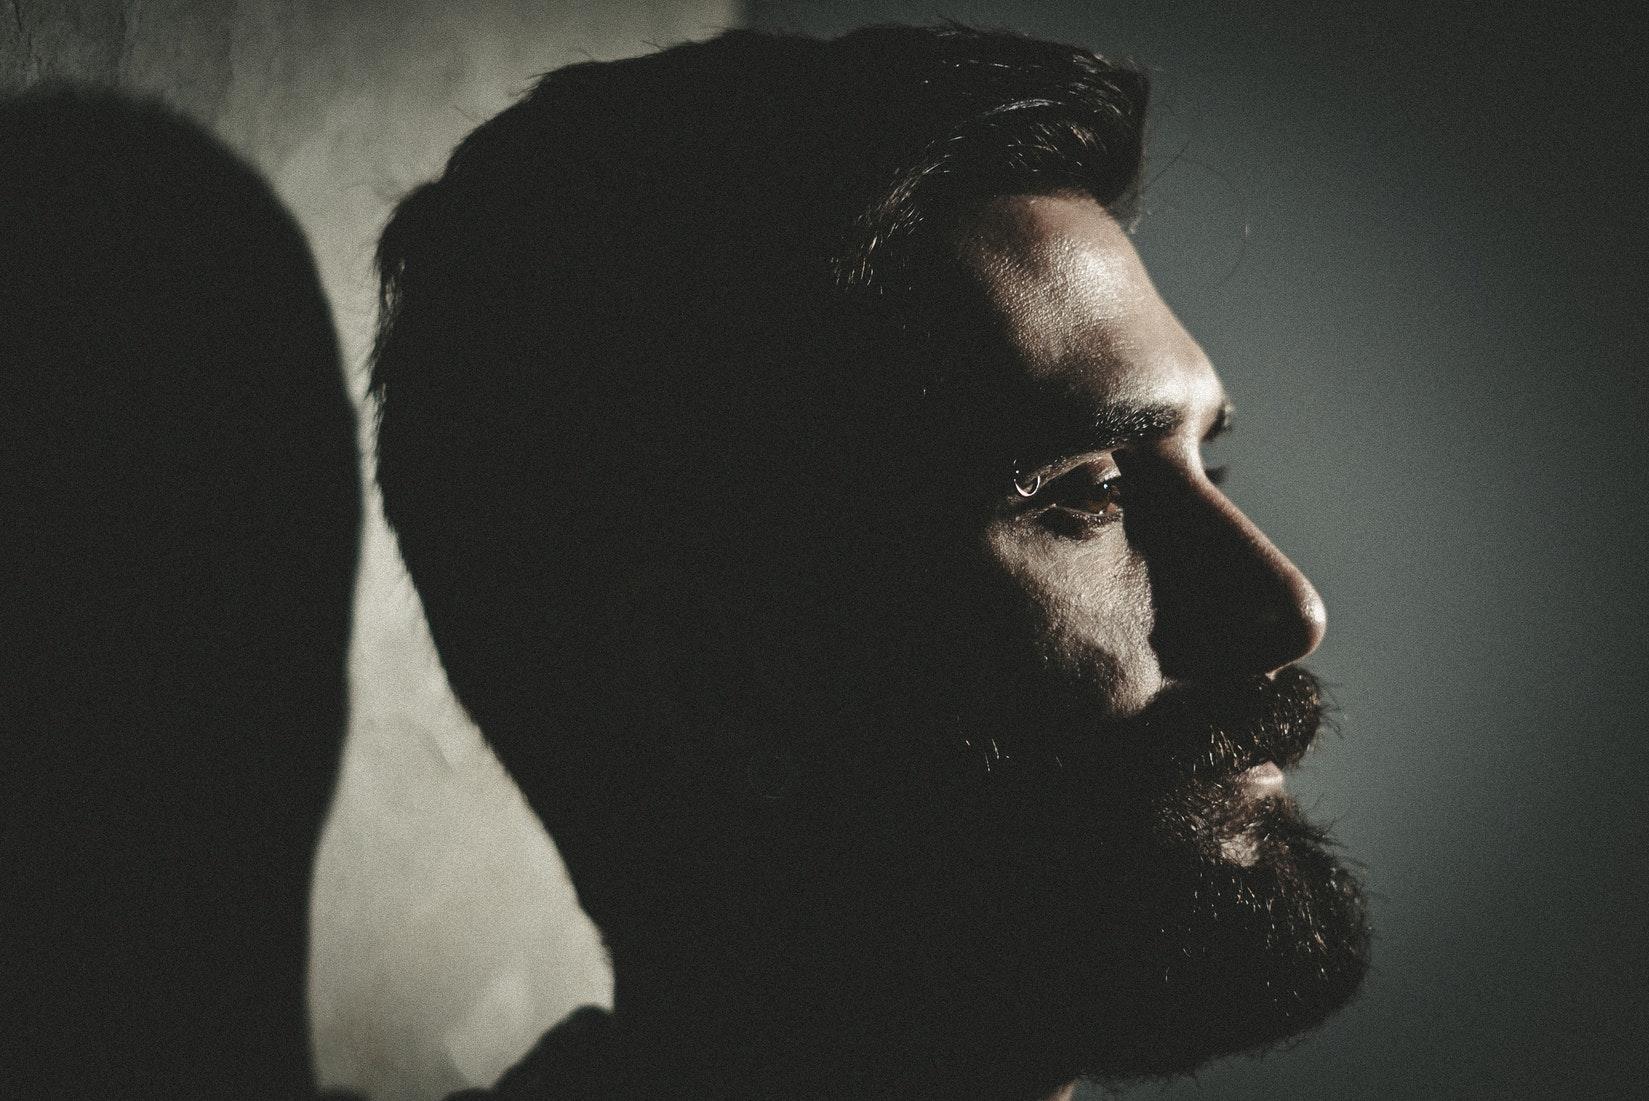 beard shadow